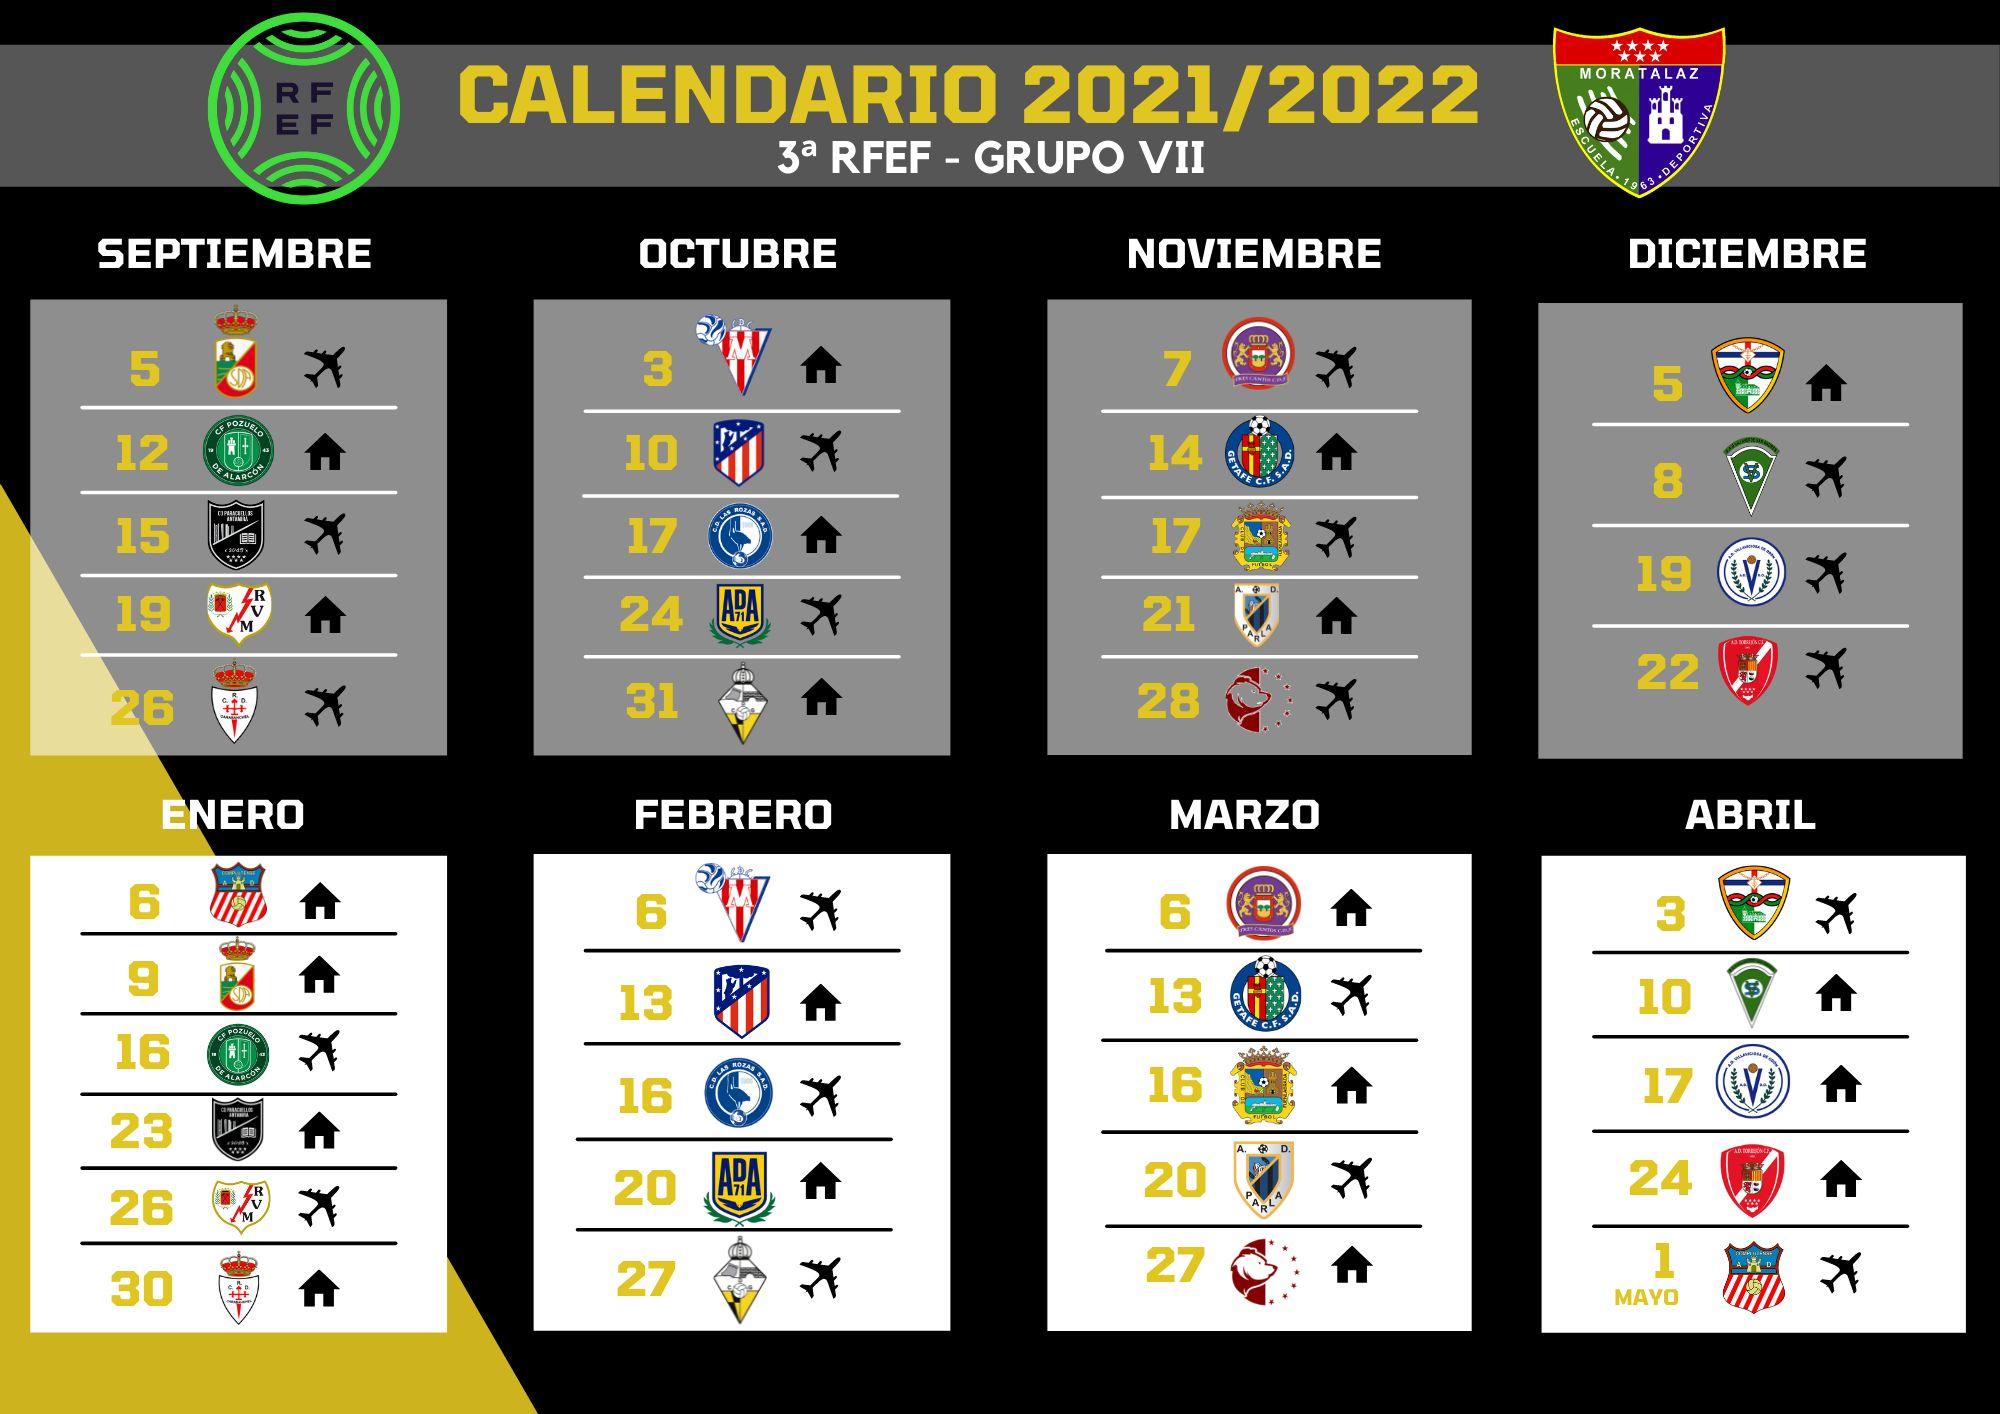 Calendario del Primer Equipo de la temporada 2021/22